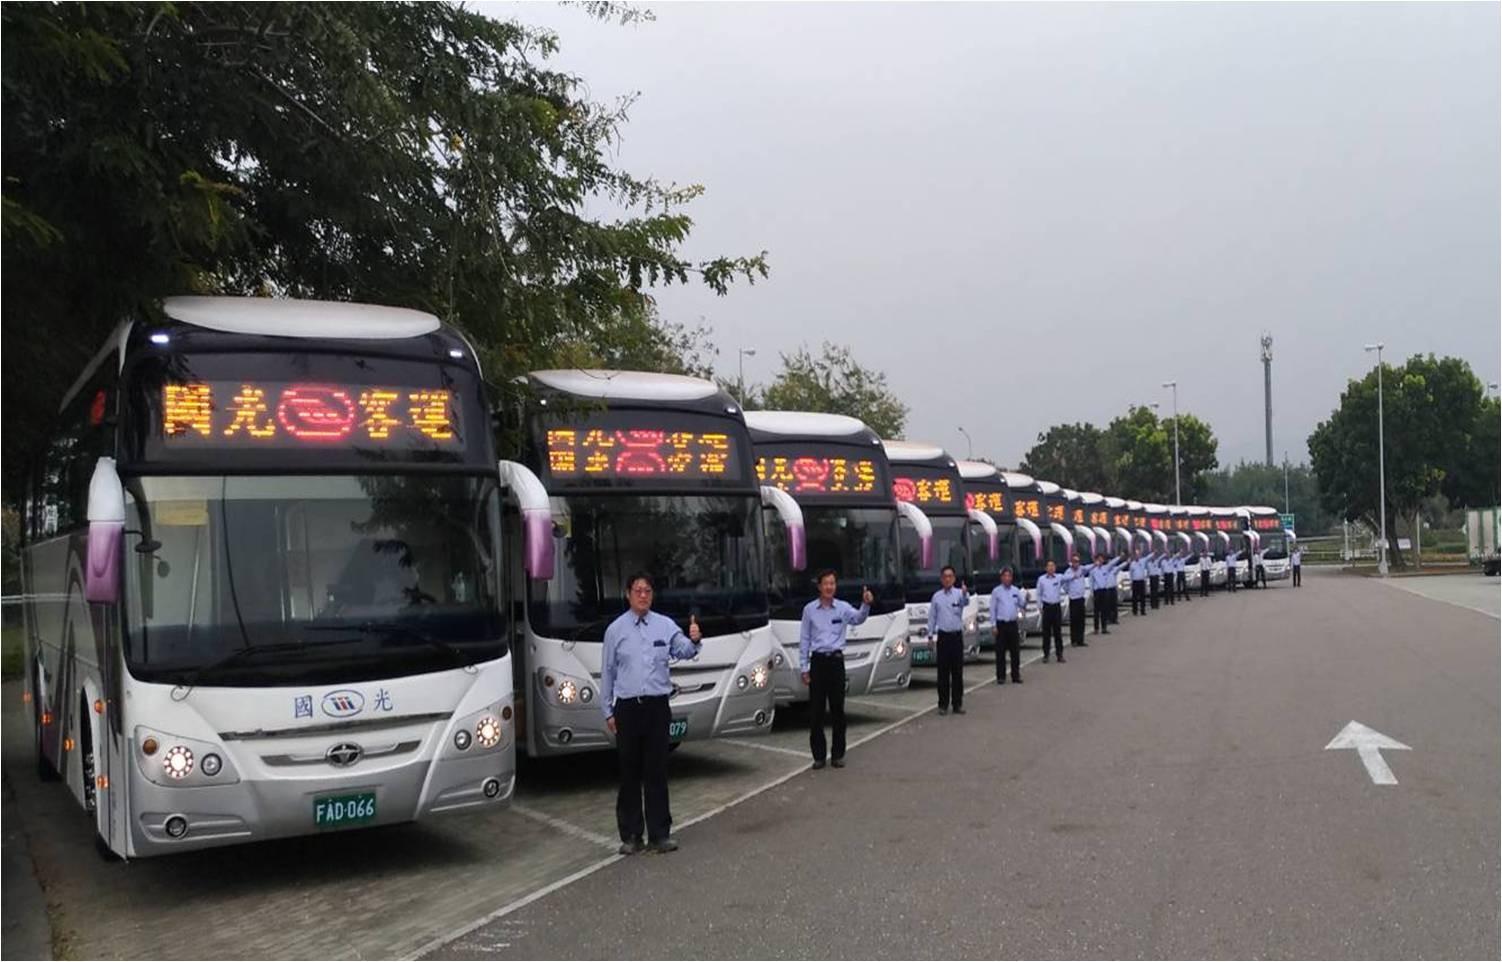 228連假出遊搭乘大眾交通工具優惠超級多